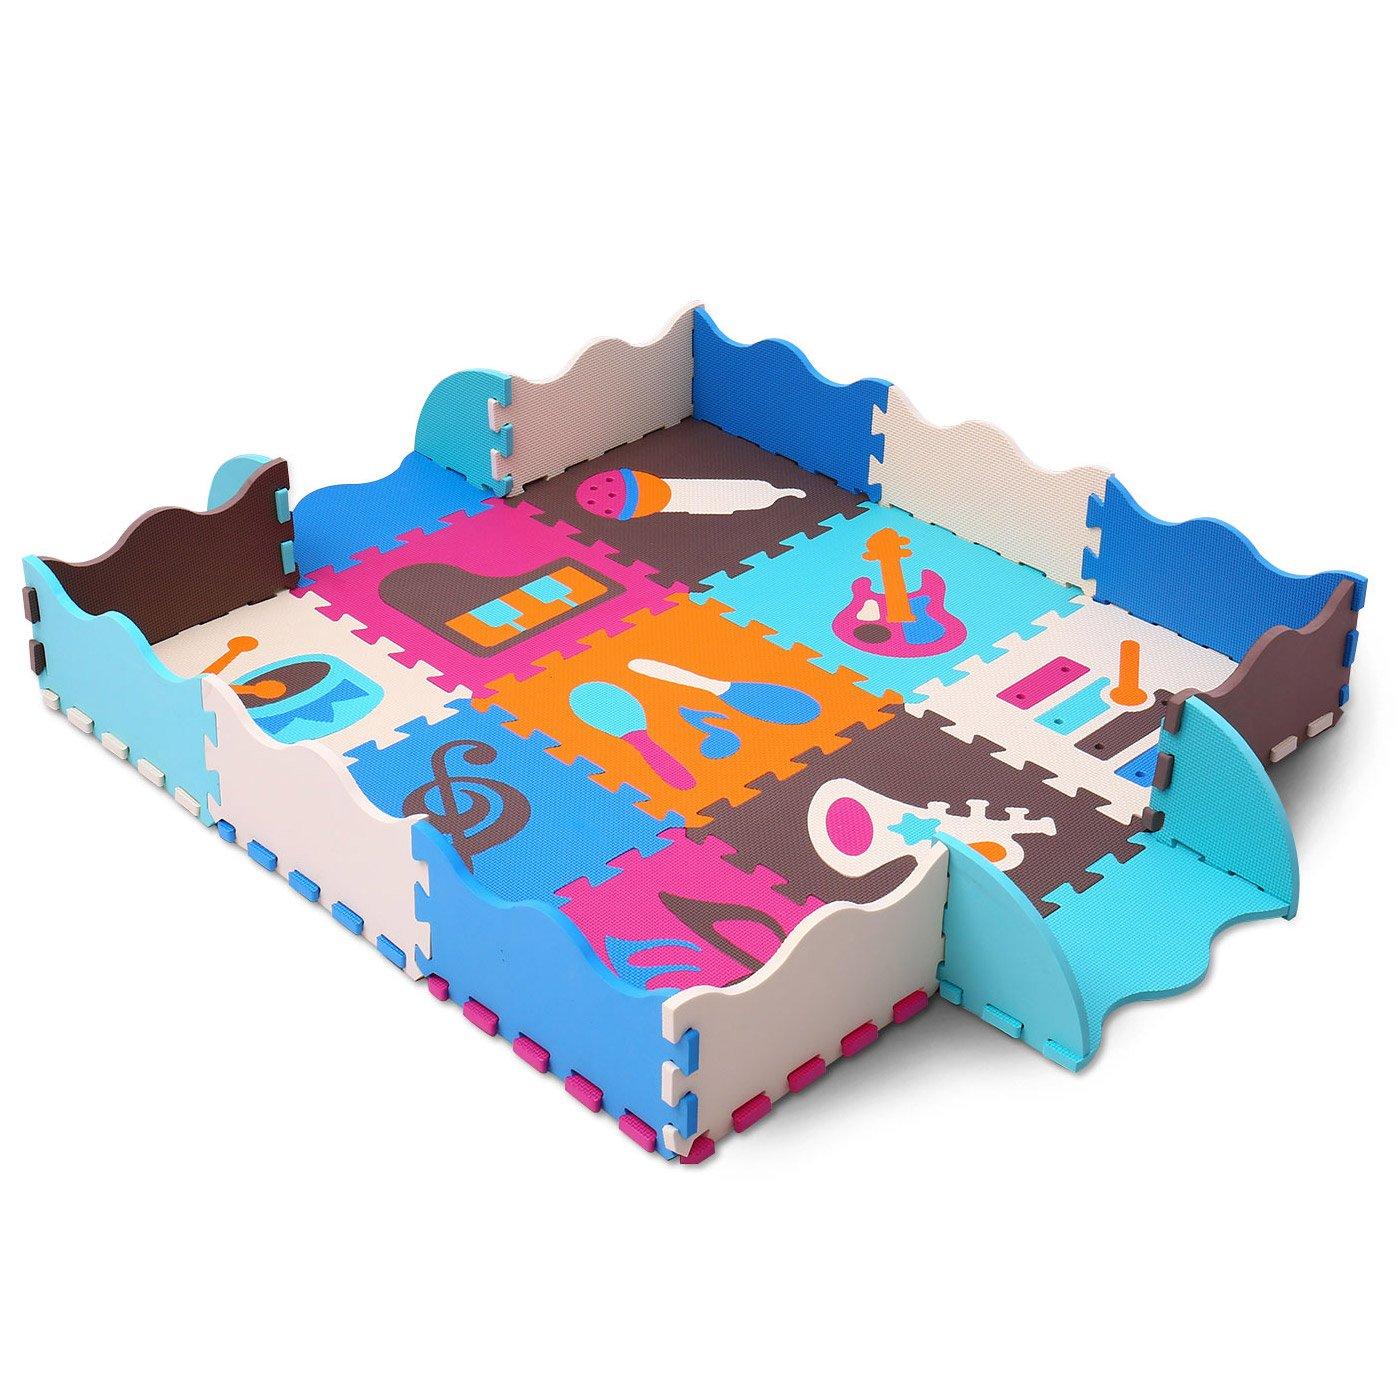 XMTMMD ni/ños Puzzle Play Mat Colorido Suave no t/óxico Jigsaw Espuma baldosas de Piso y Juguetes AM06B